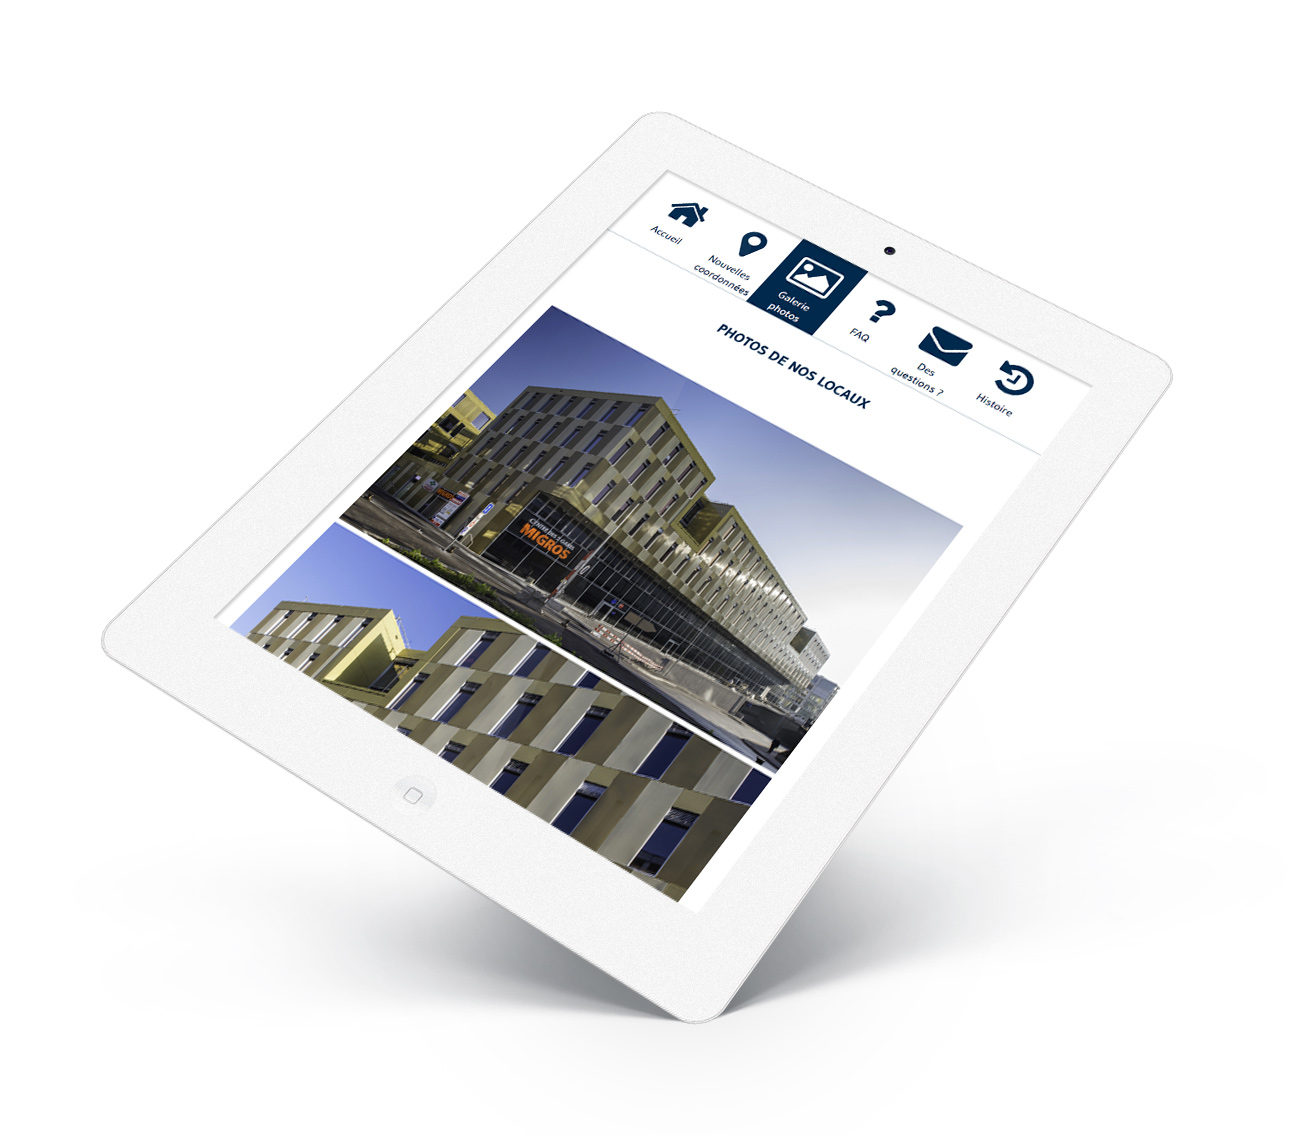 Caisse Cantonale Vaudoise de Compensation AVS WNG Agence Digitale